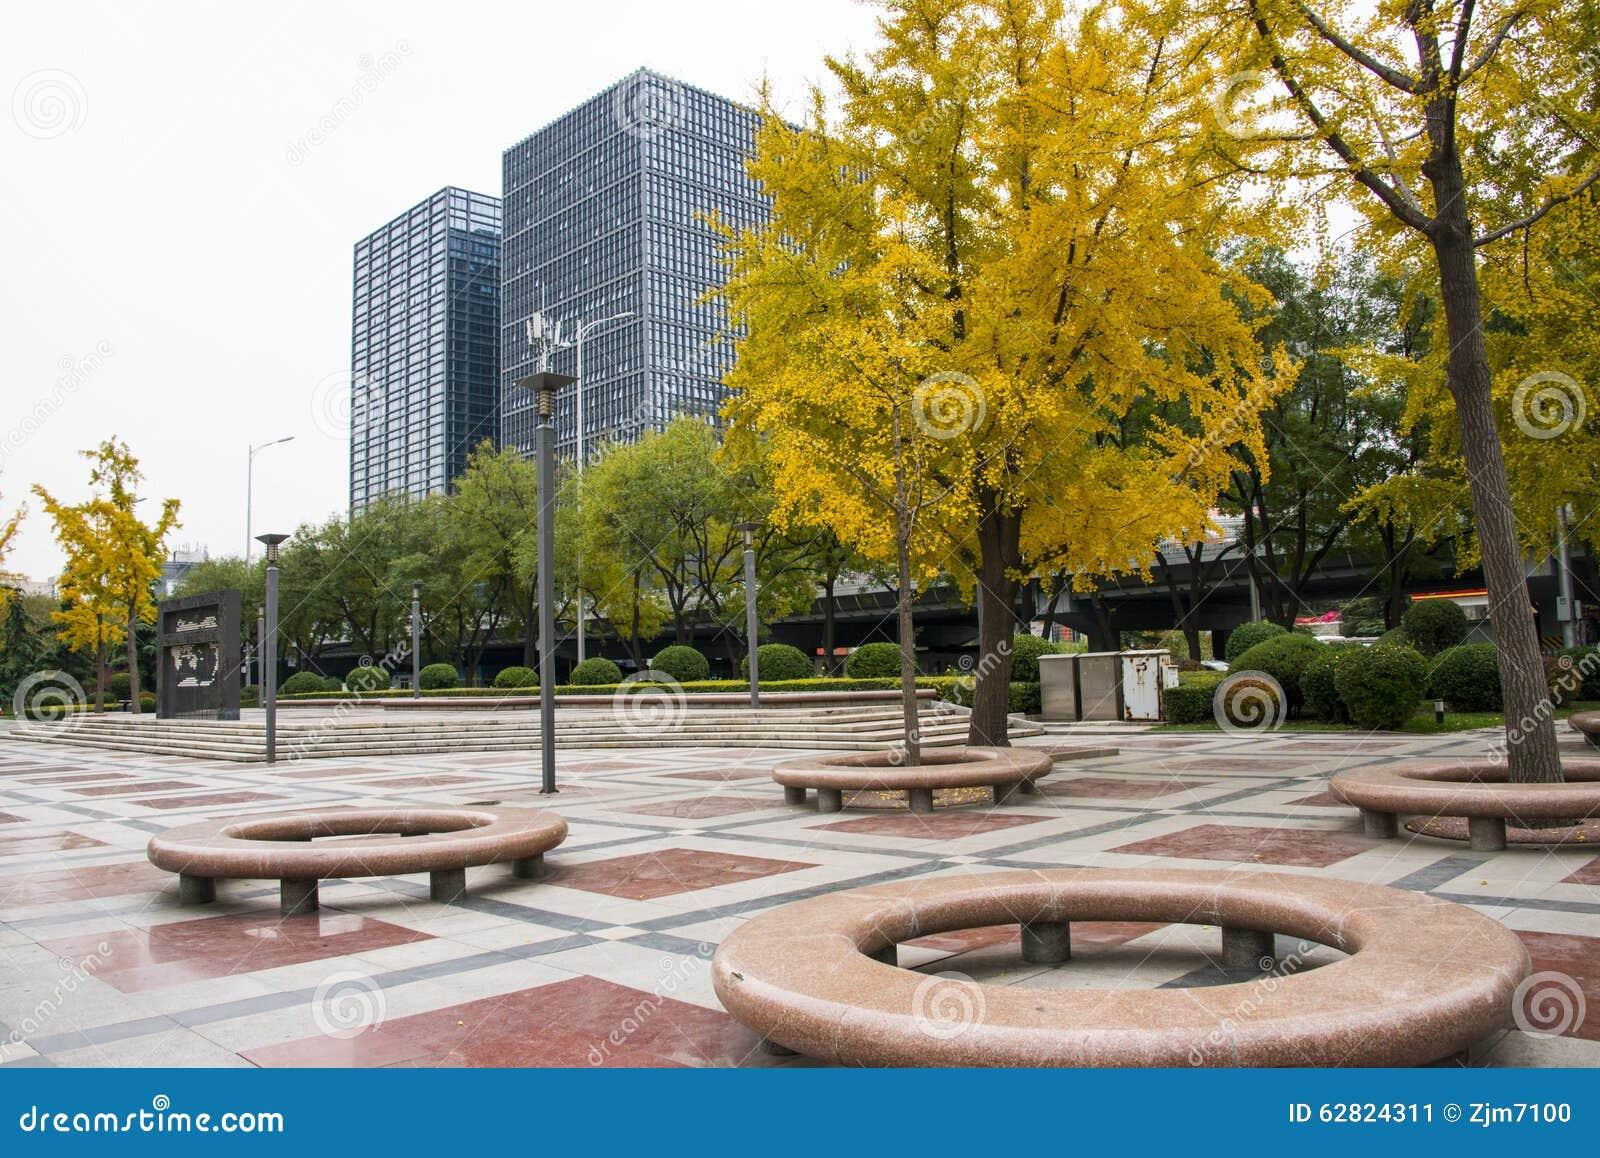 chinois asiatique p kin rue financi re jardin chaise en pierre ronde arbre de ginkgo photo. Black Bedroom Furniture Sets. Home Design Ideas